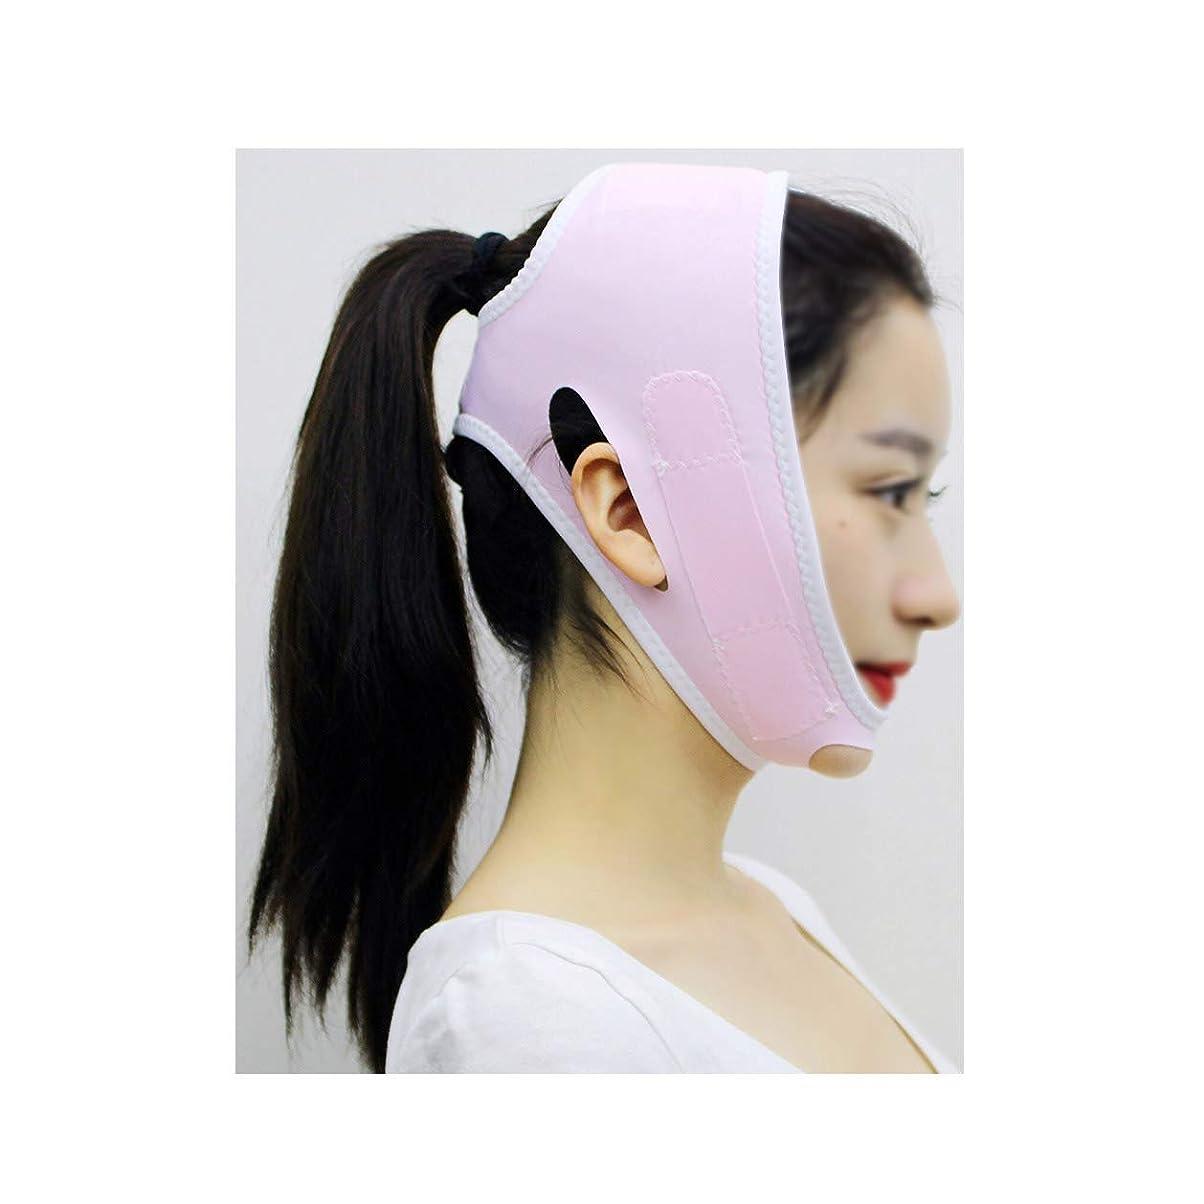 マトロンブラザースマートGLJJQMY 包帯ヘッドギアマスクの顔Vの顔の薄い顔のアーティファクトプラスチック美容ゴムバンドフェイスリフトネックリフト後薄い顔マスクあごベルトの回復 顔用整形マスク (Color : Pink)